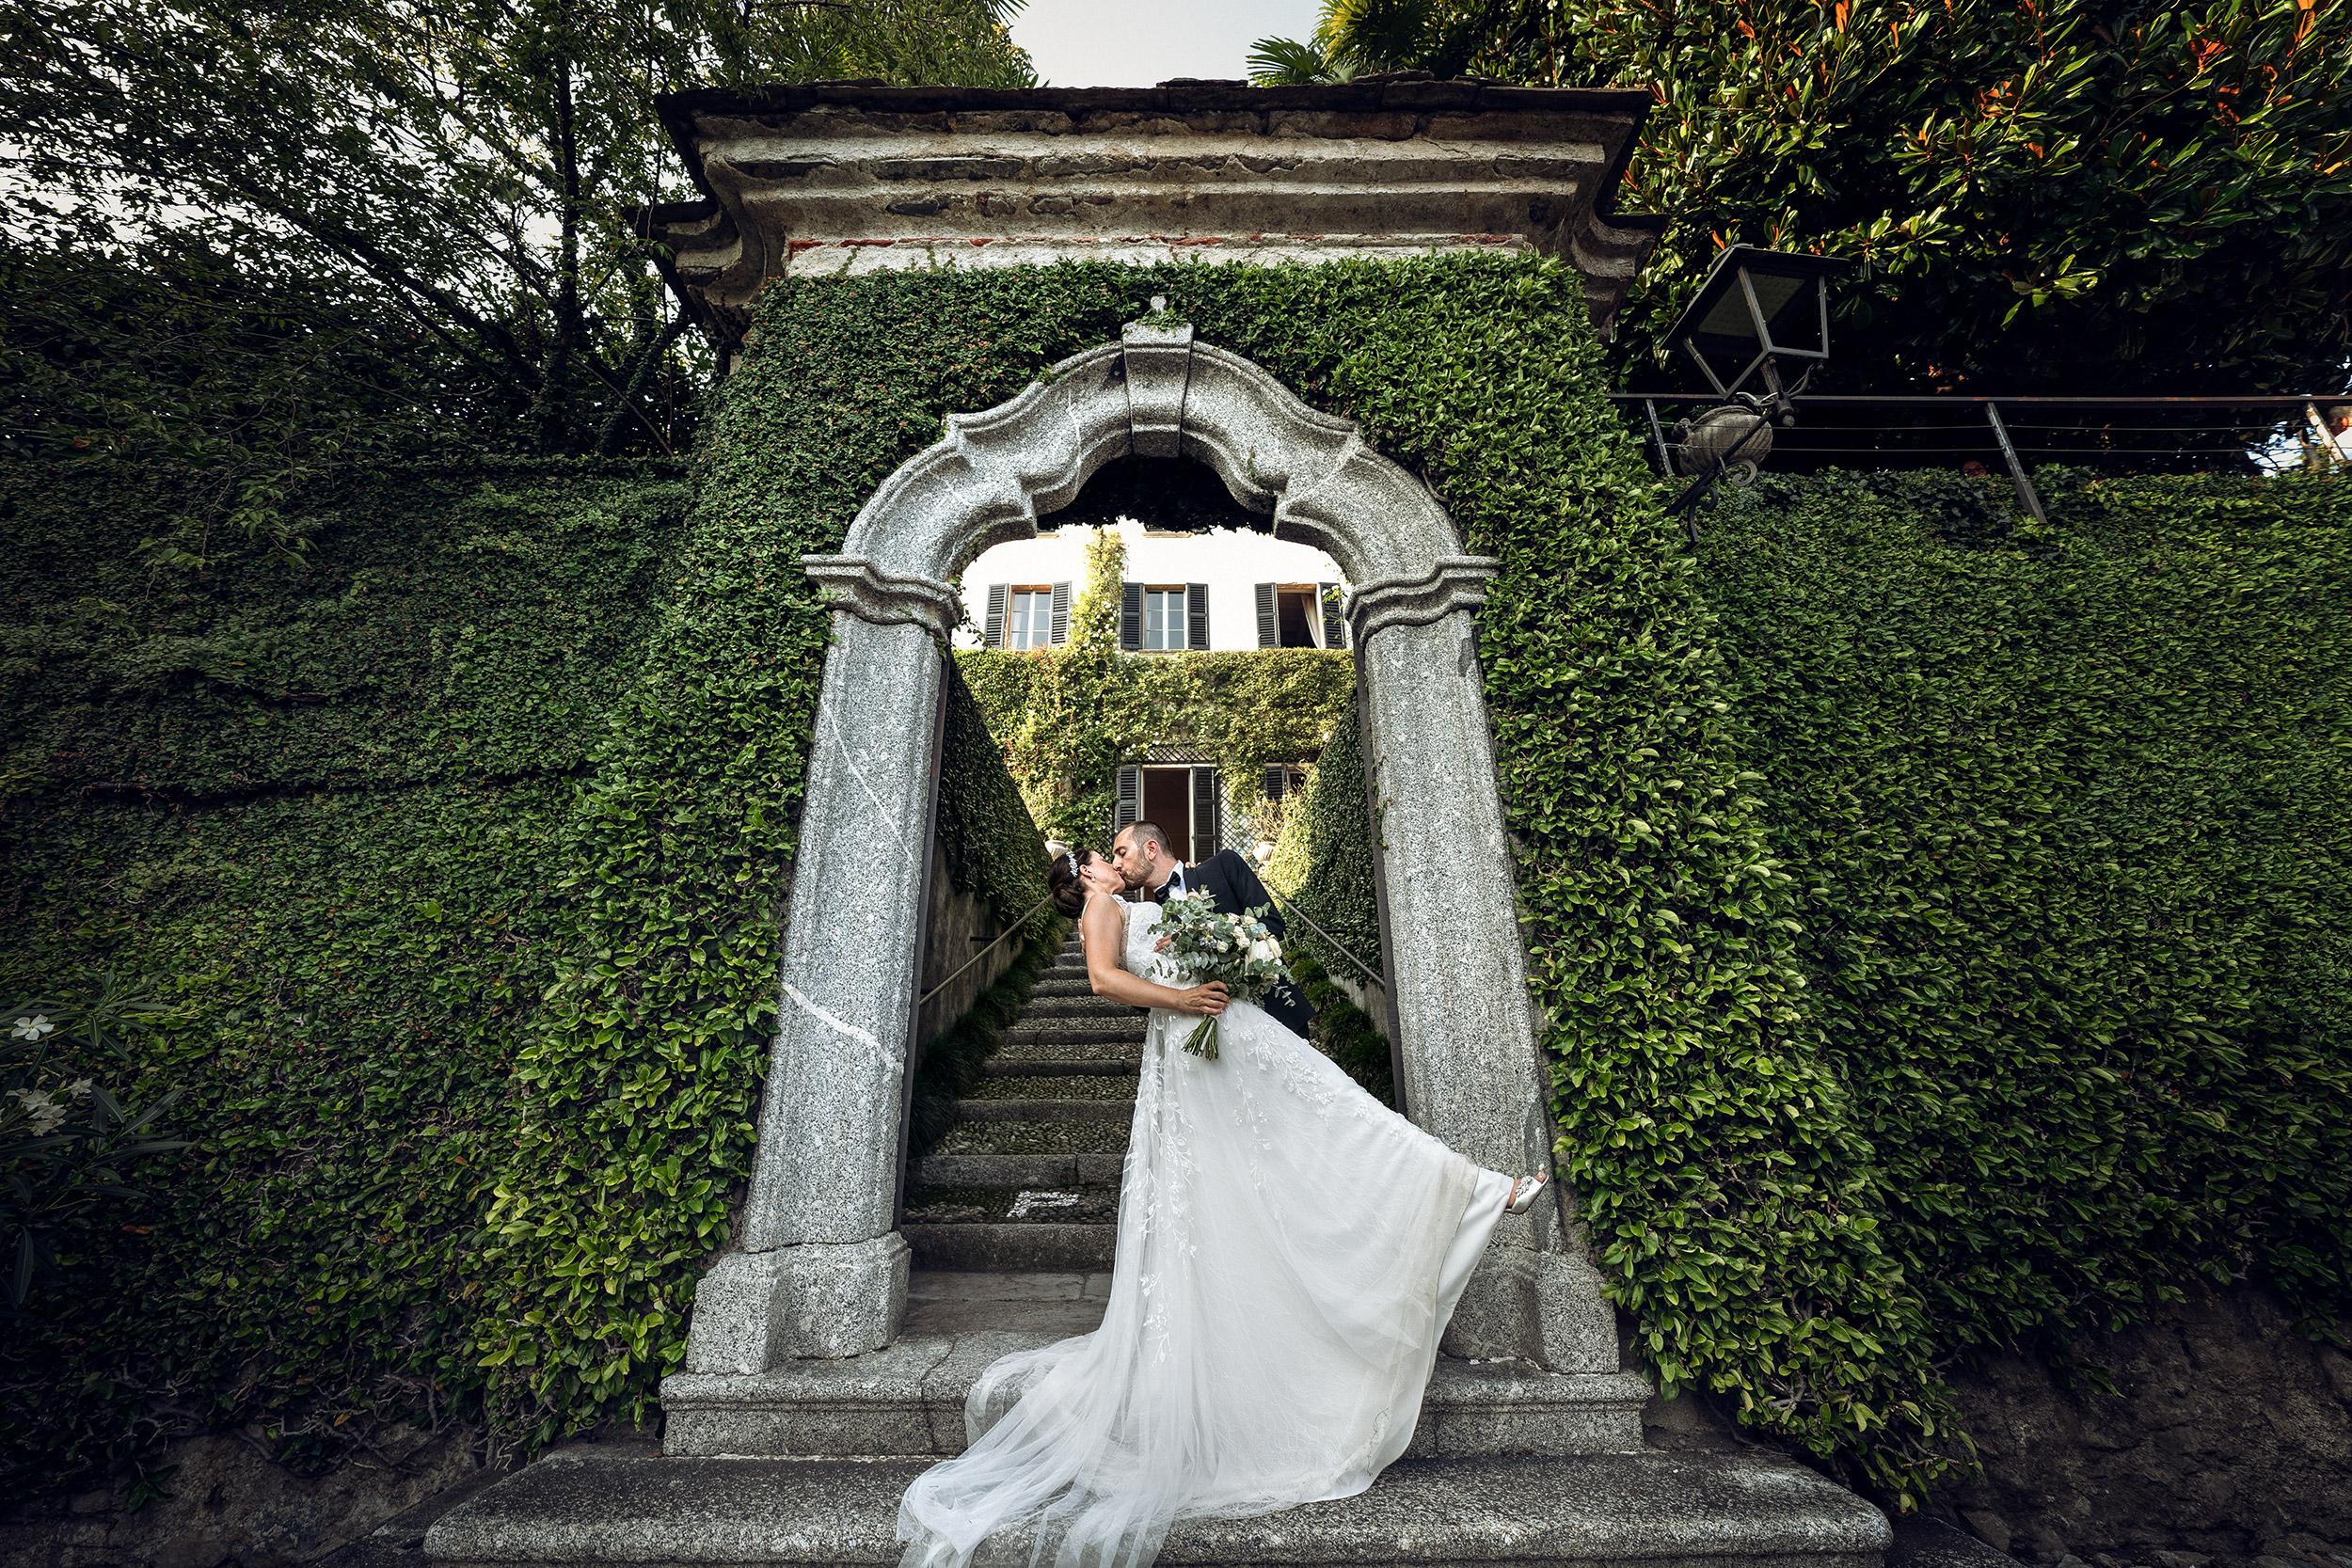 001 foto matrimonio reportage wedding como lake villa monastero pax 3